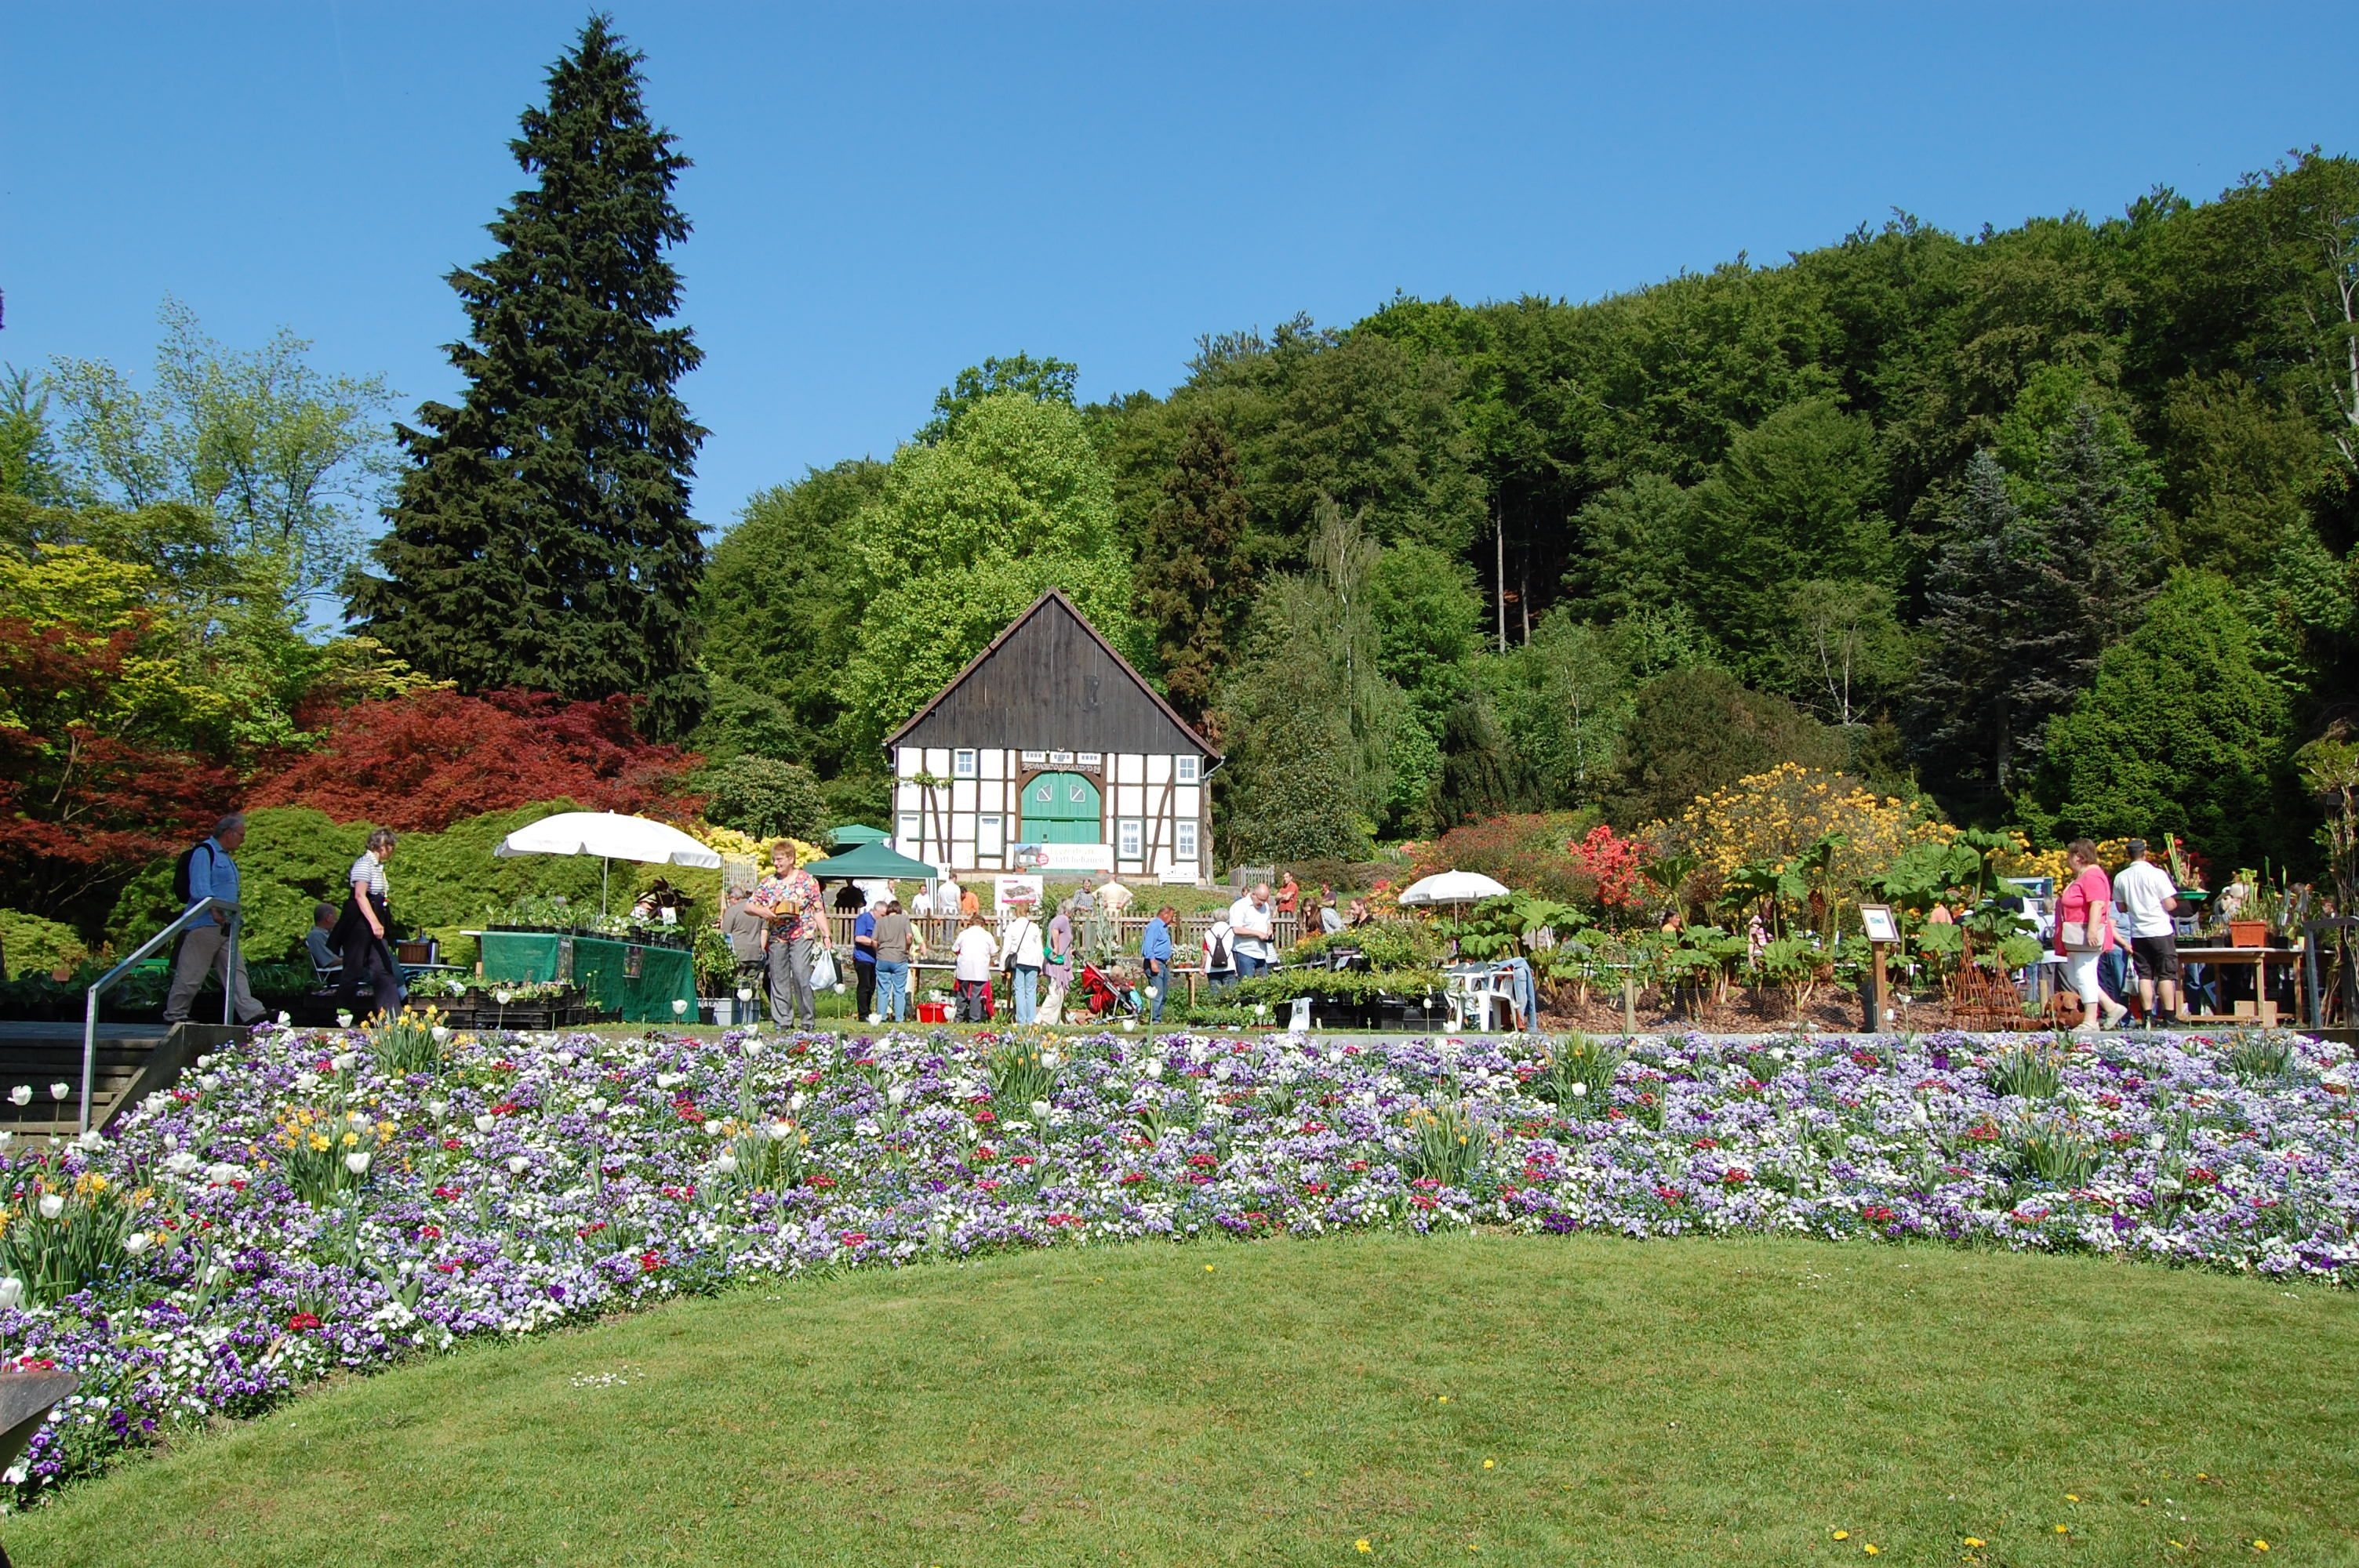 Botanischer Garten Bielefeld Jedes Jahr Am Samstag Vor Muttertag Dieses Jahr Am 12 Mai 2012 Findet Dort Eine K Bielefeld Botanischer Garten Veranstaltung